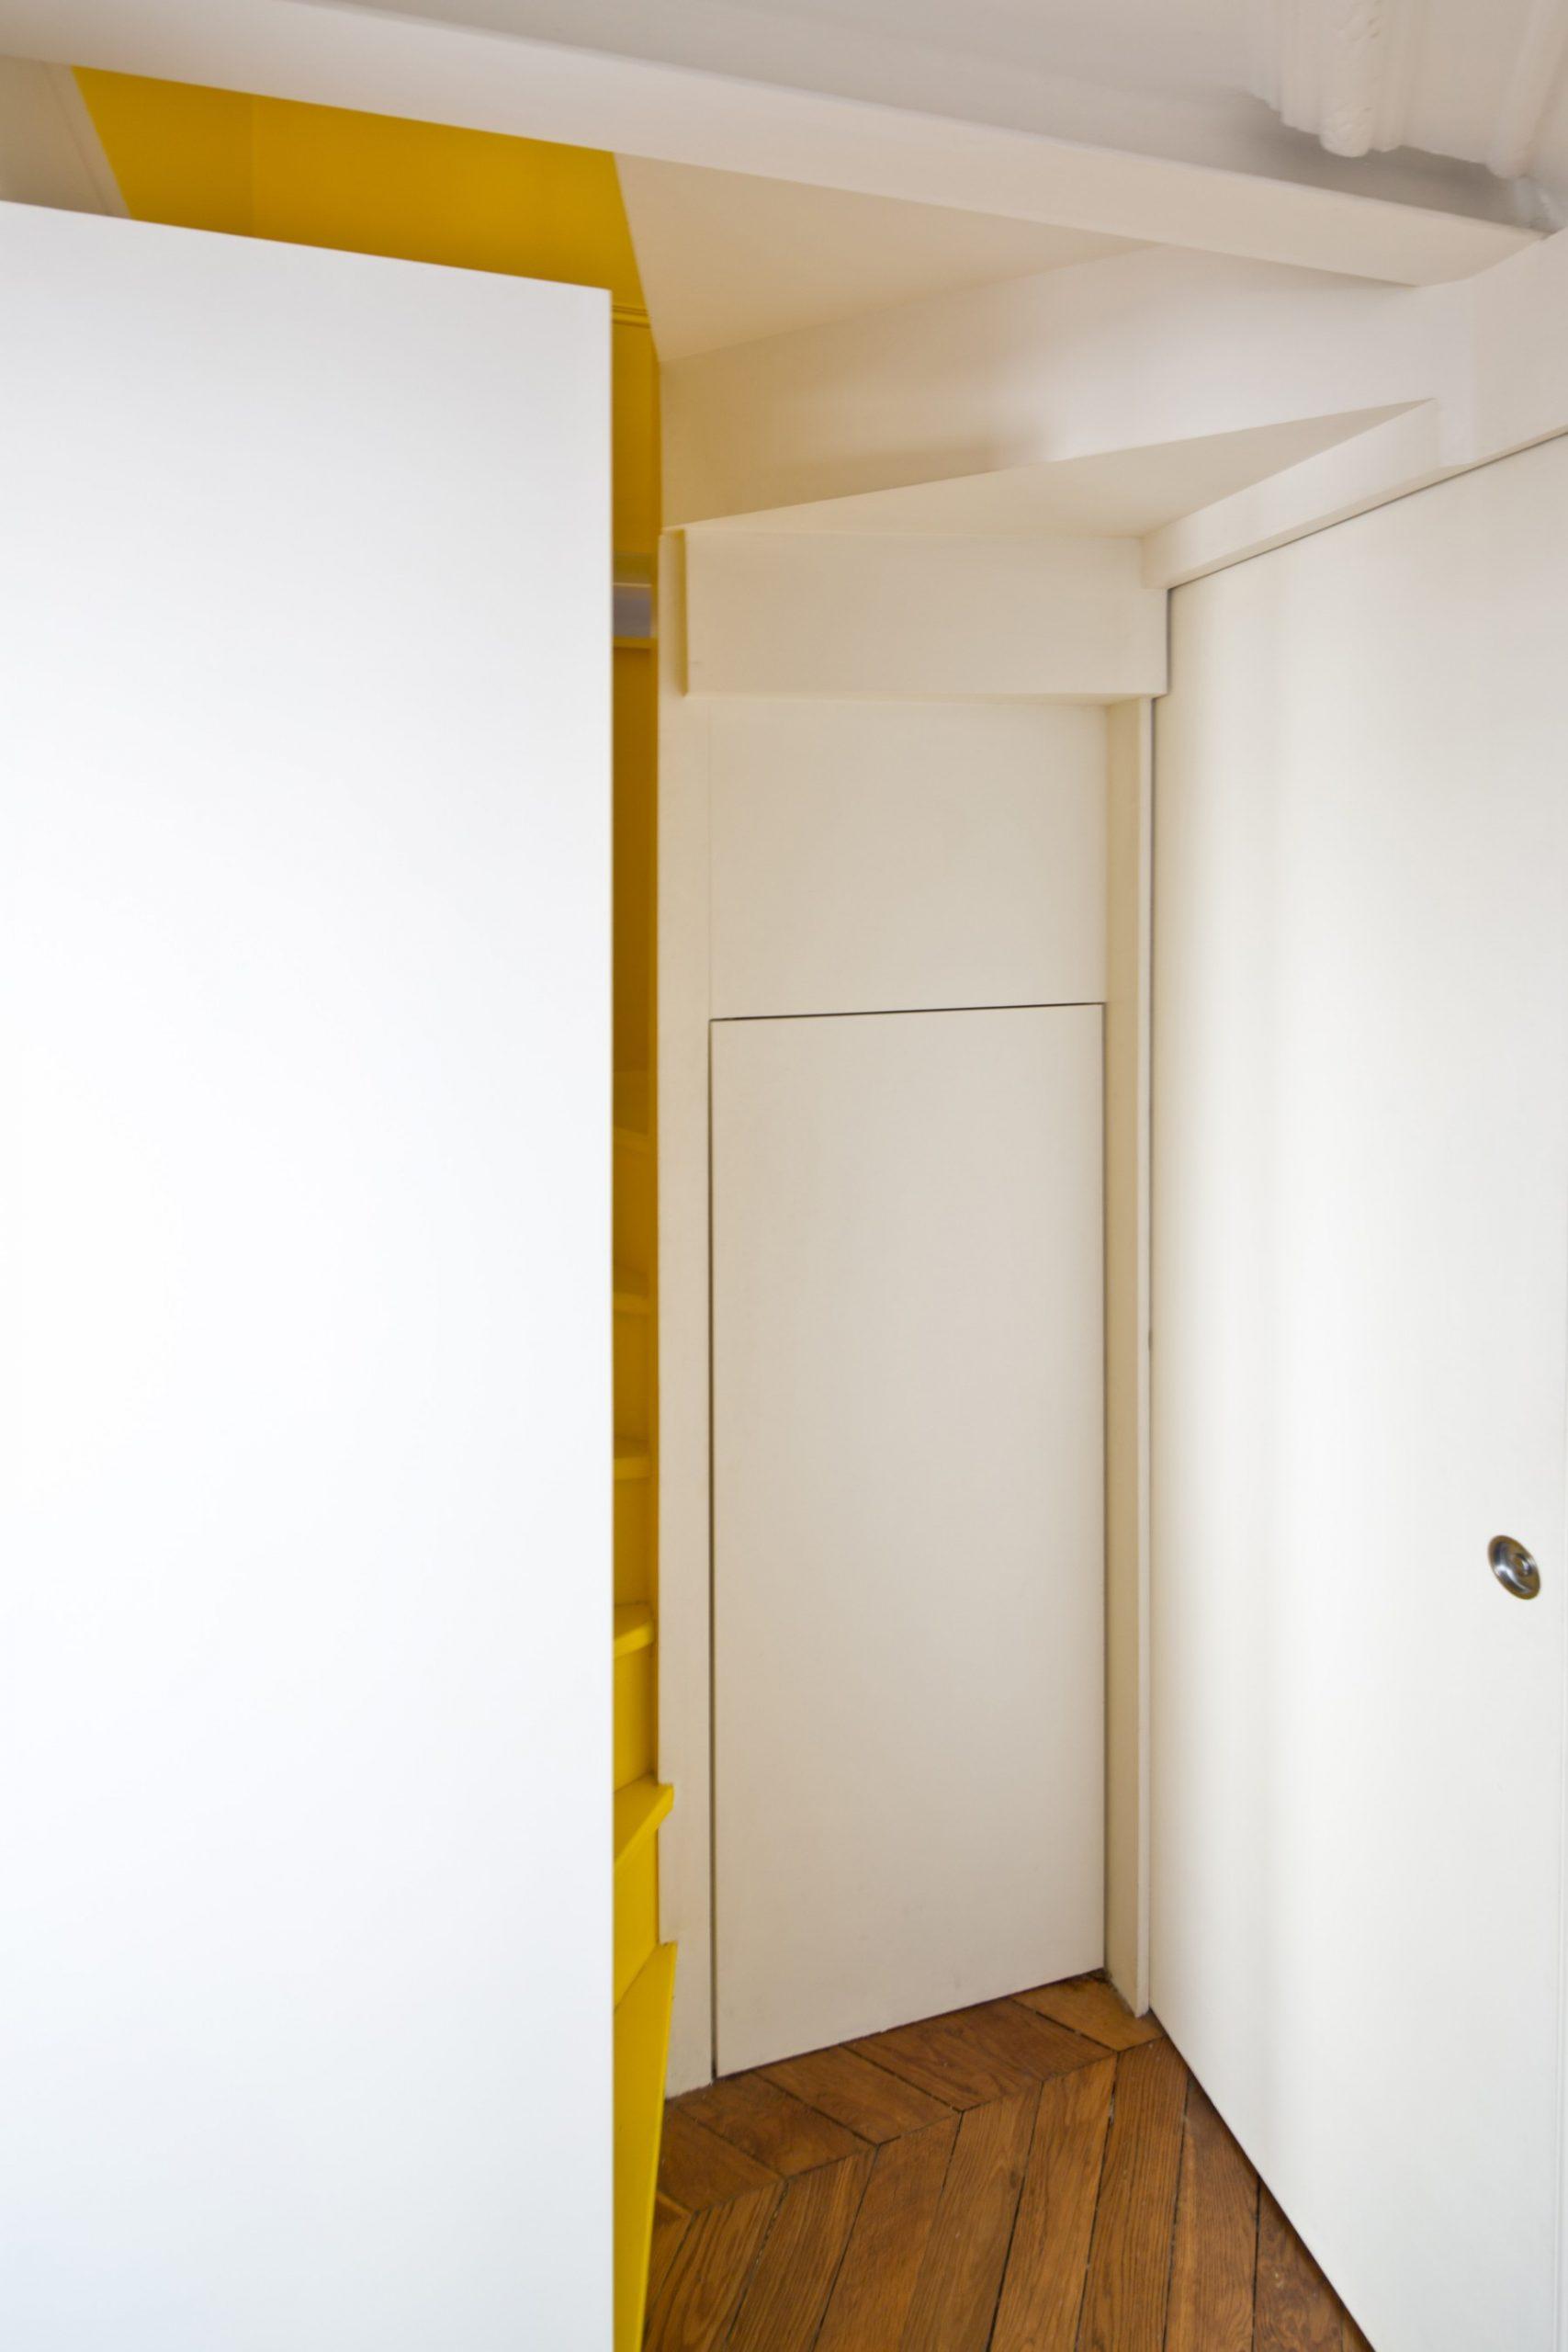 Rénovation d'un appartement en duplex à Paris par Archibien et son architecte - couloir et accès à l'étage